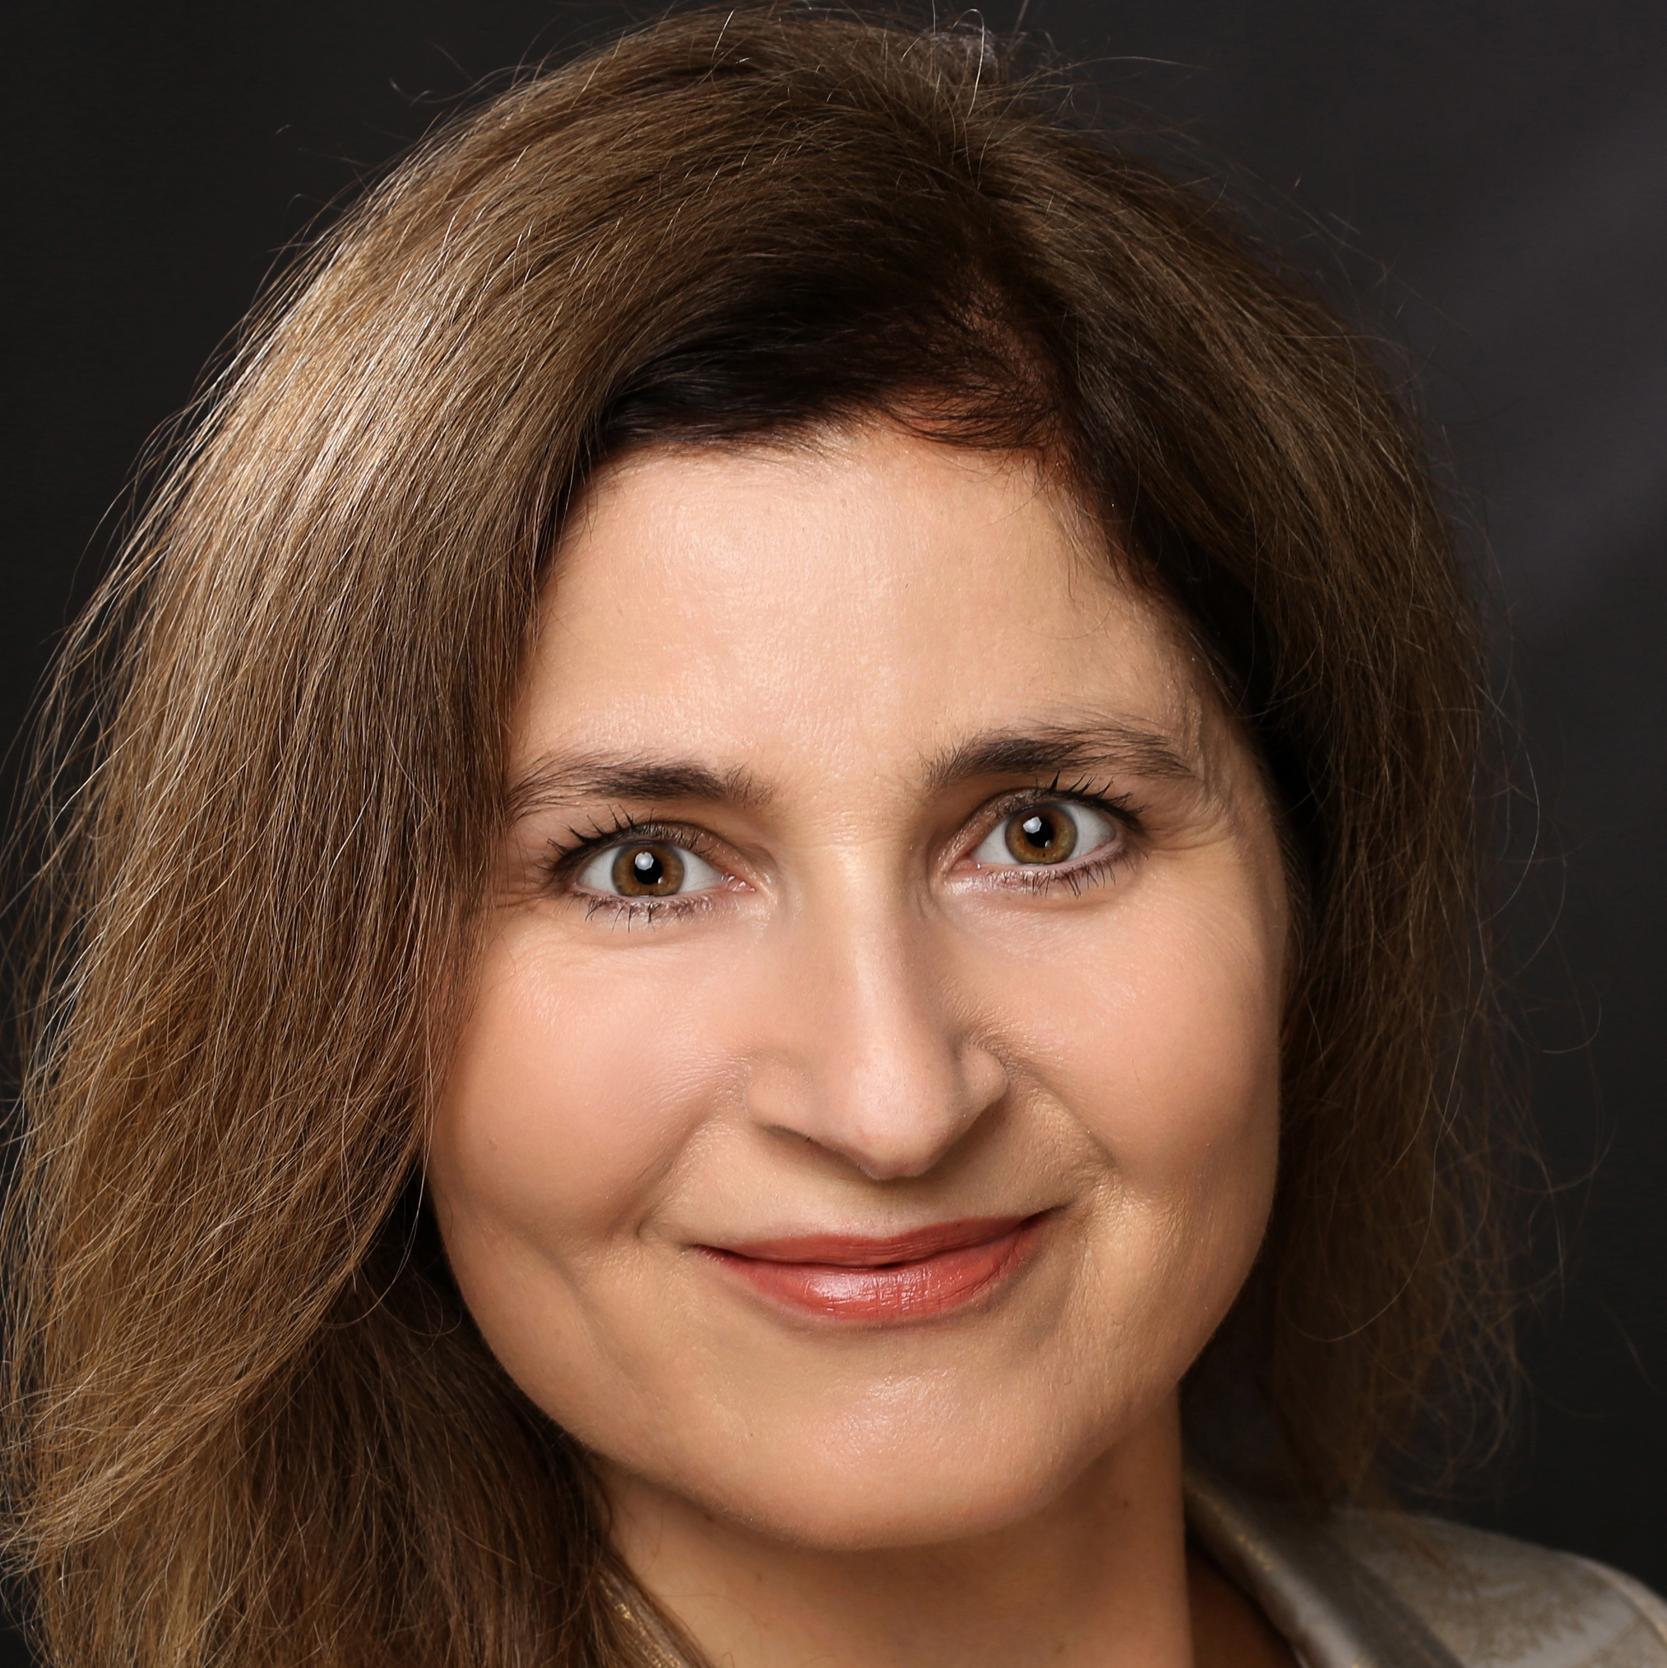 Iris Tsakiridis